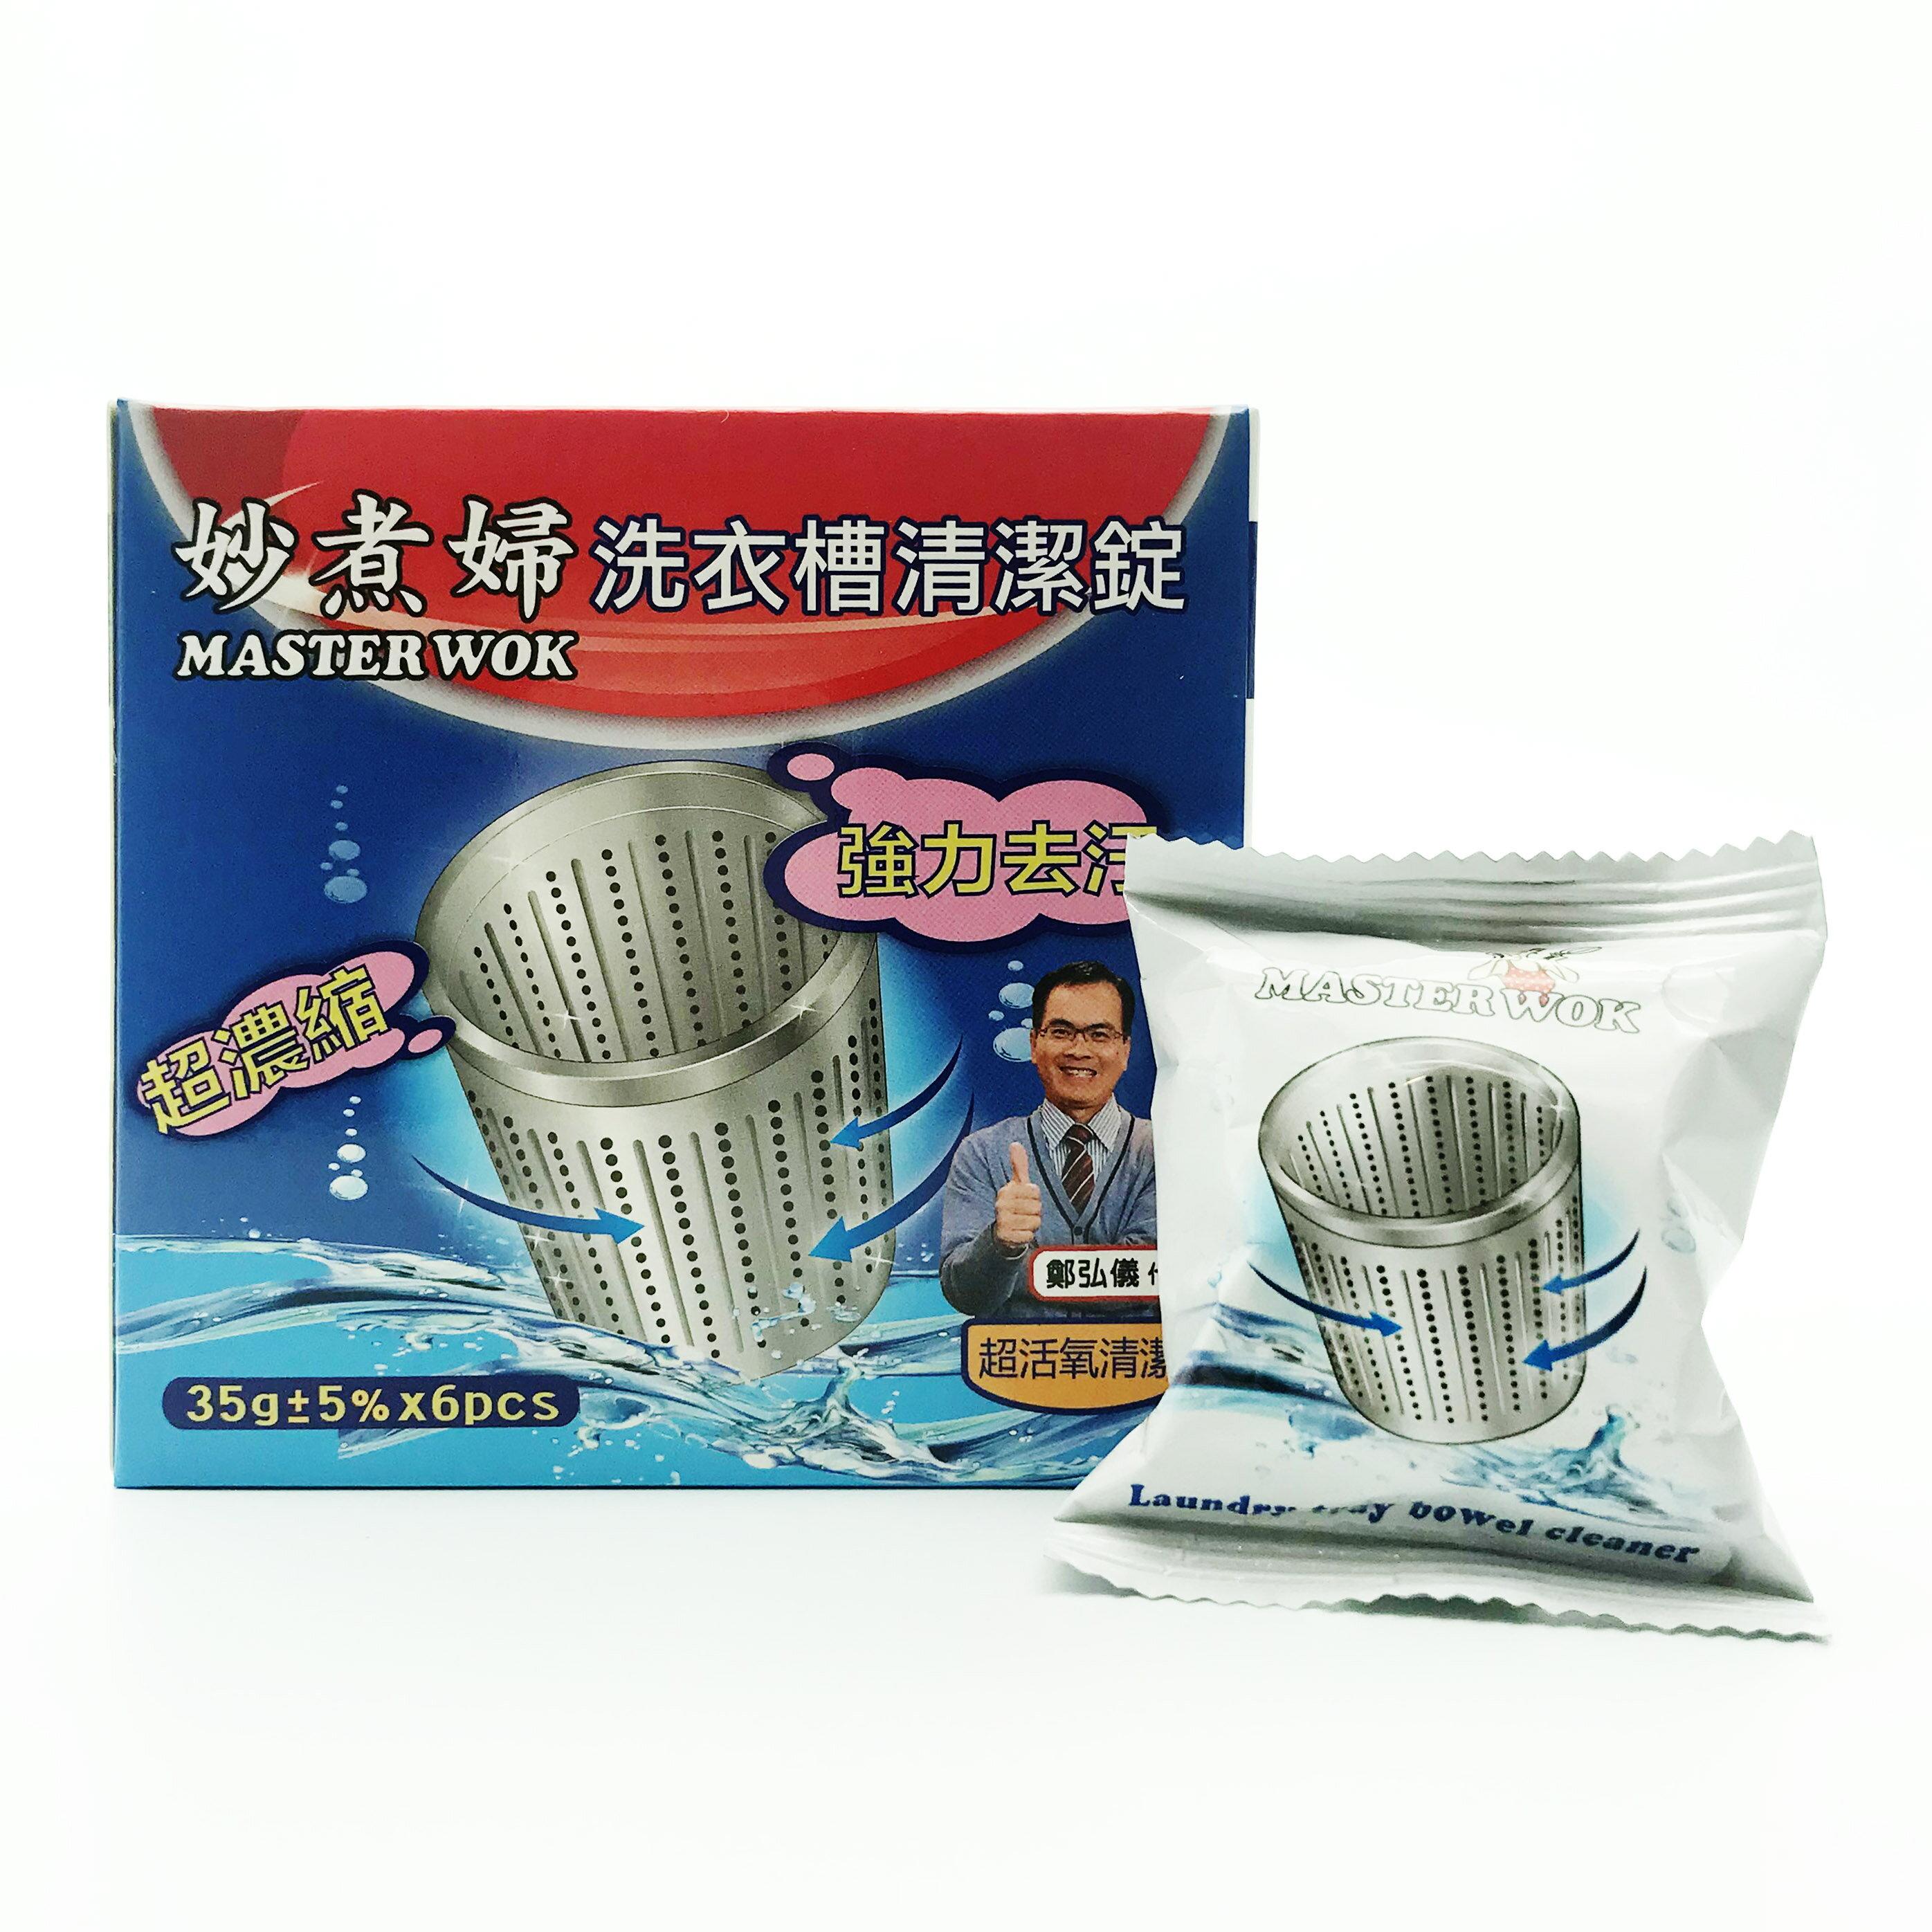 妙煮婦 洗衣槽清潔錠(6錠/盒)